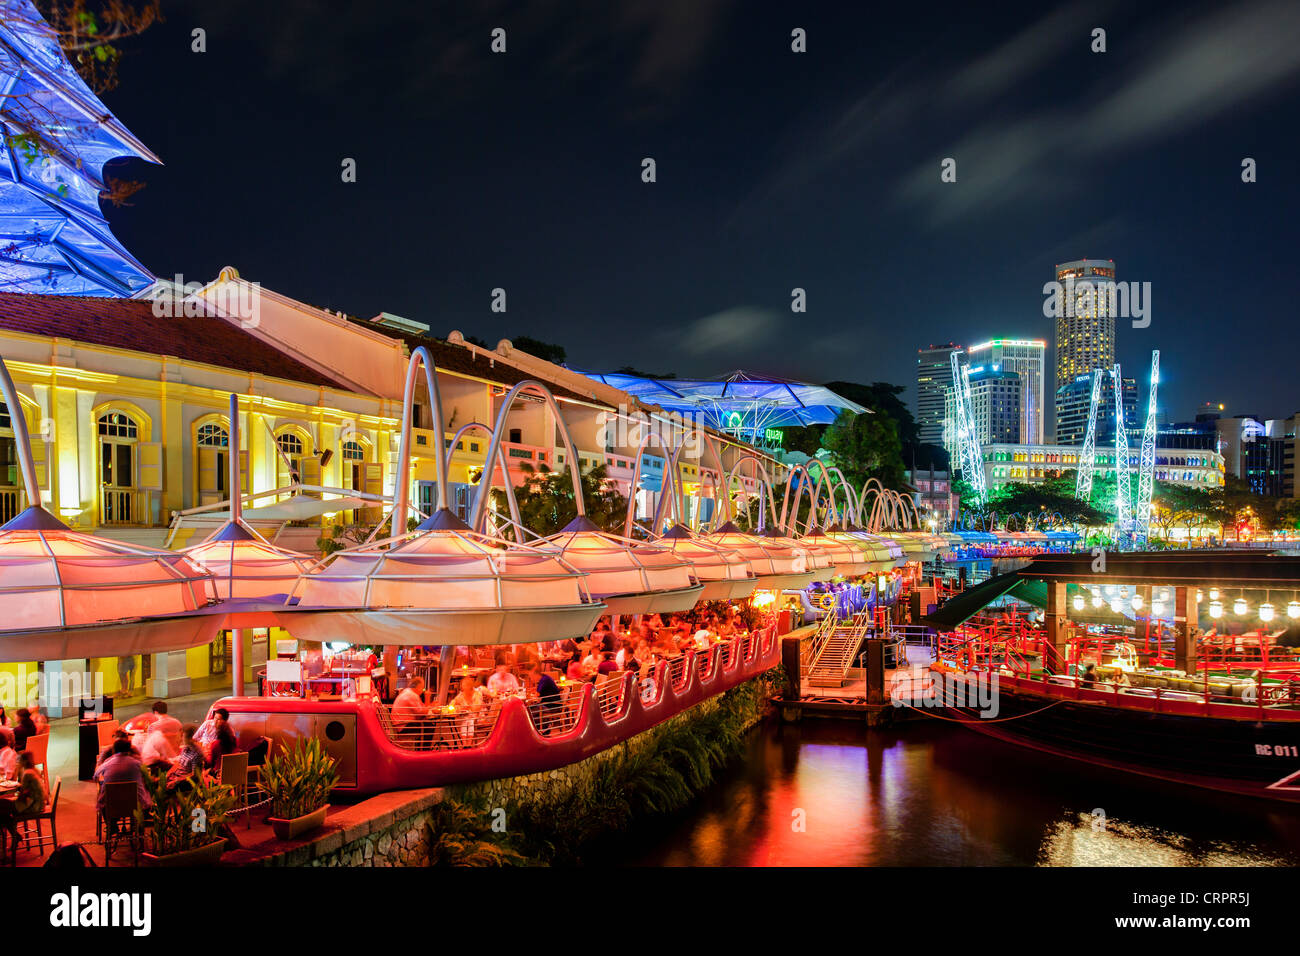 South East Asia, Singapur, der Unterhaltung Bezirk von Clarke Quay, dem Singapore River und die Skyline der Stadt Stockbild